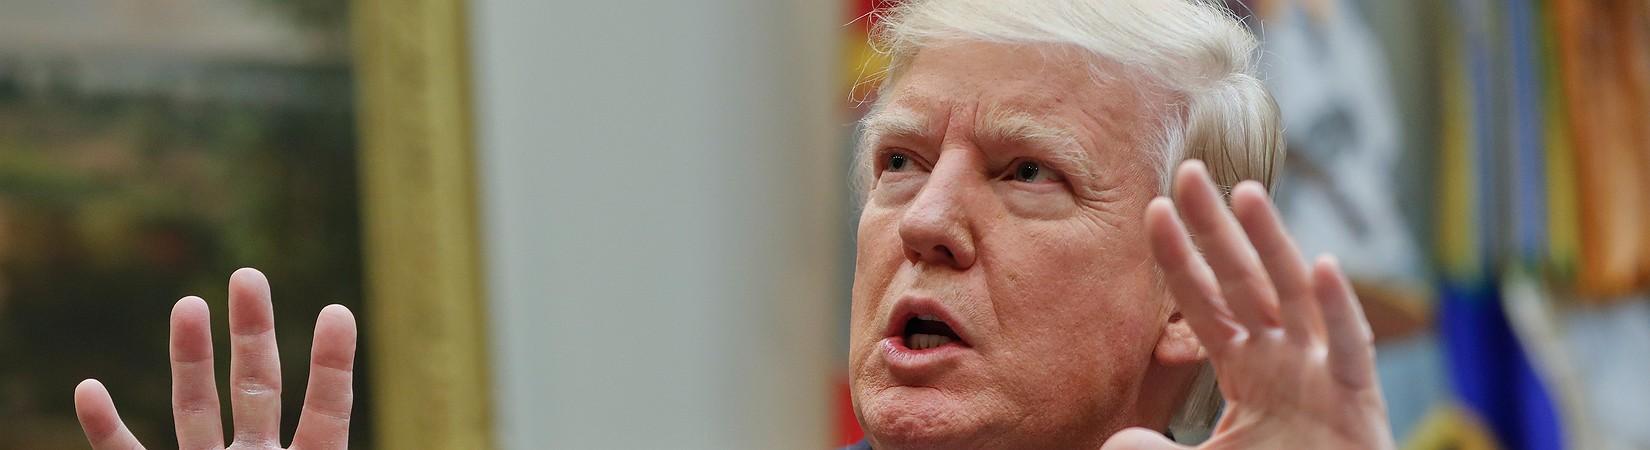 Donald Trump svela finalmente la sua dichiarazione dei redditi